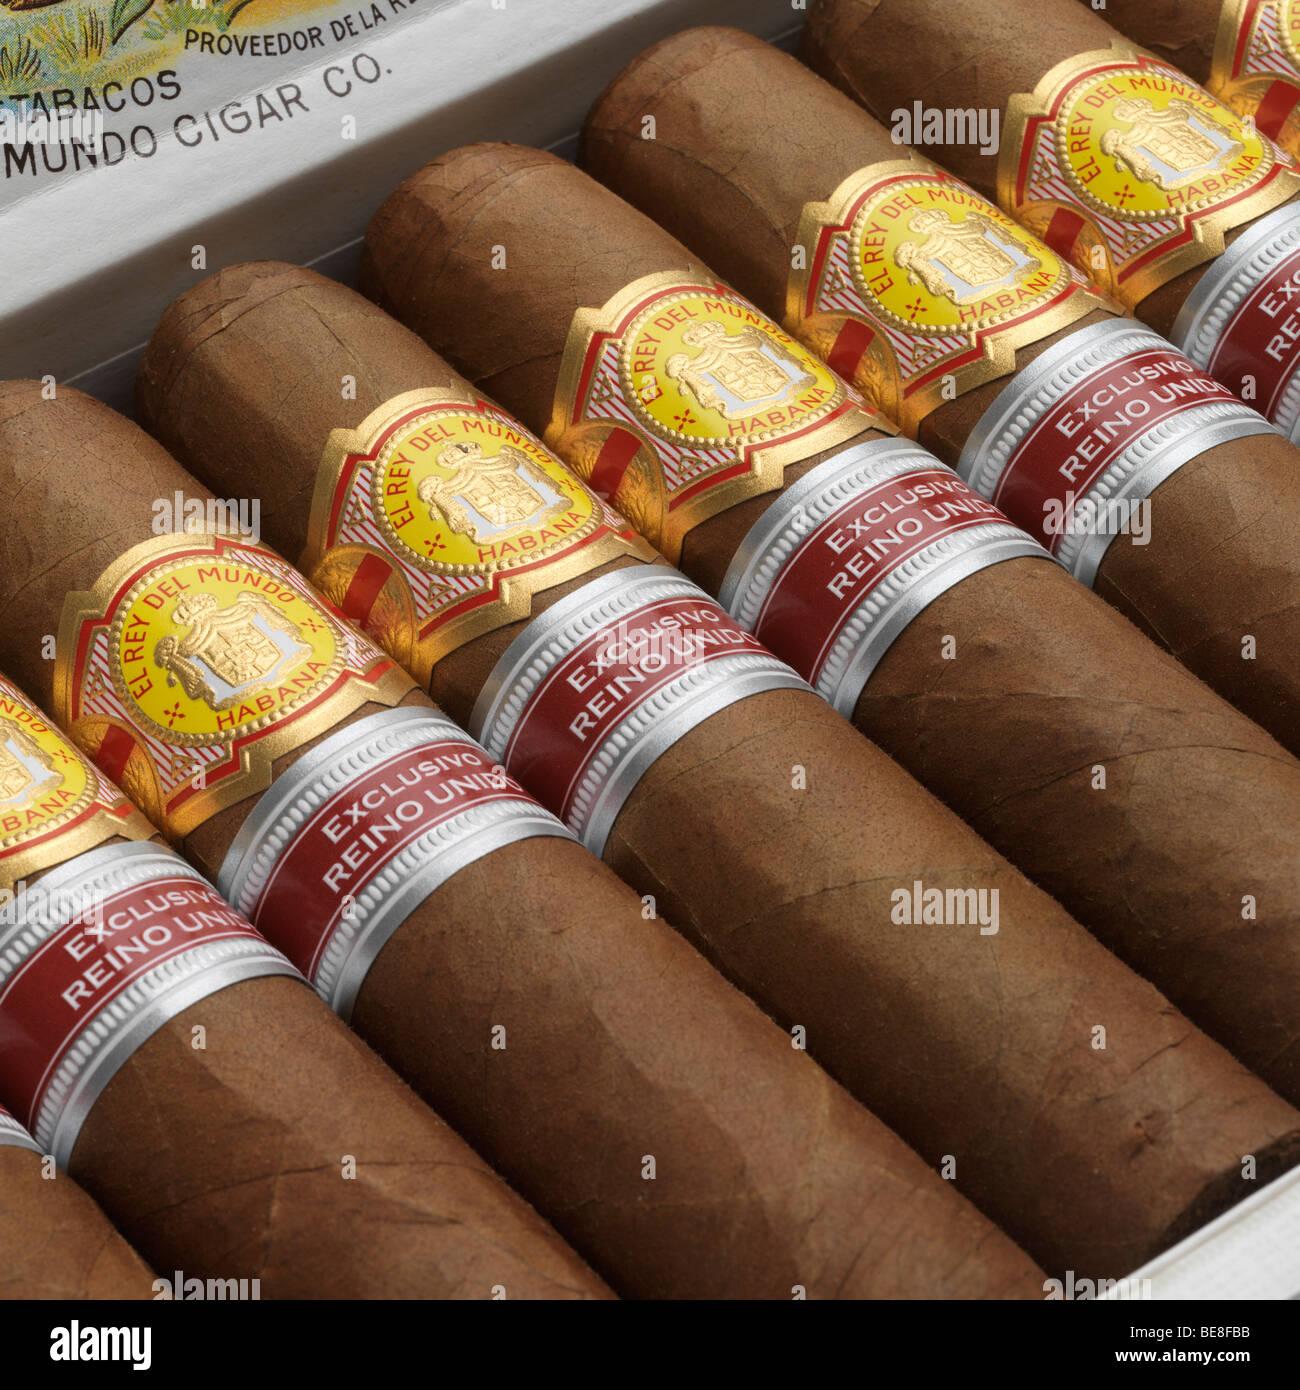 Eine Schachtel mit Havanna-Zigarren. Stockbild